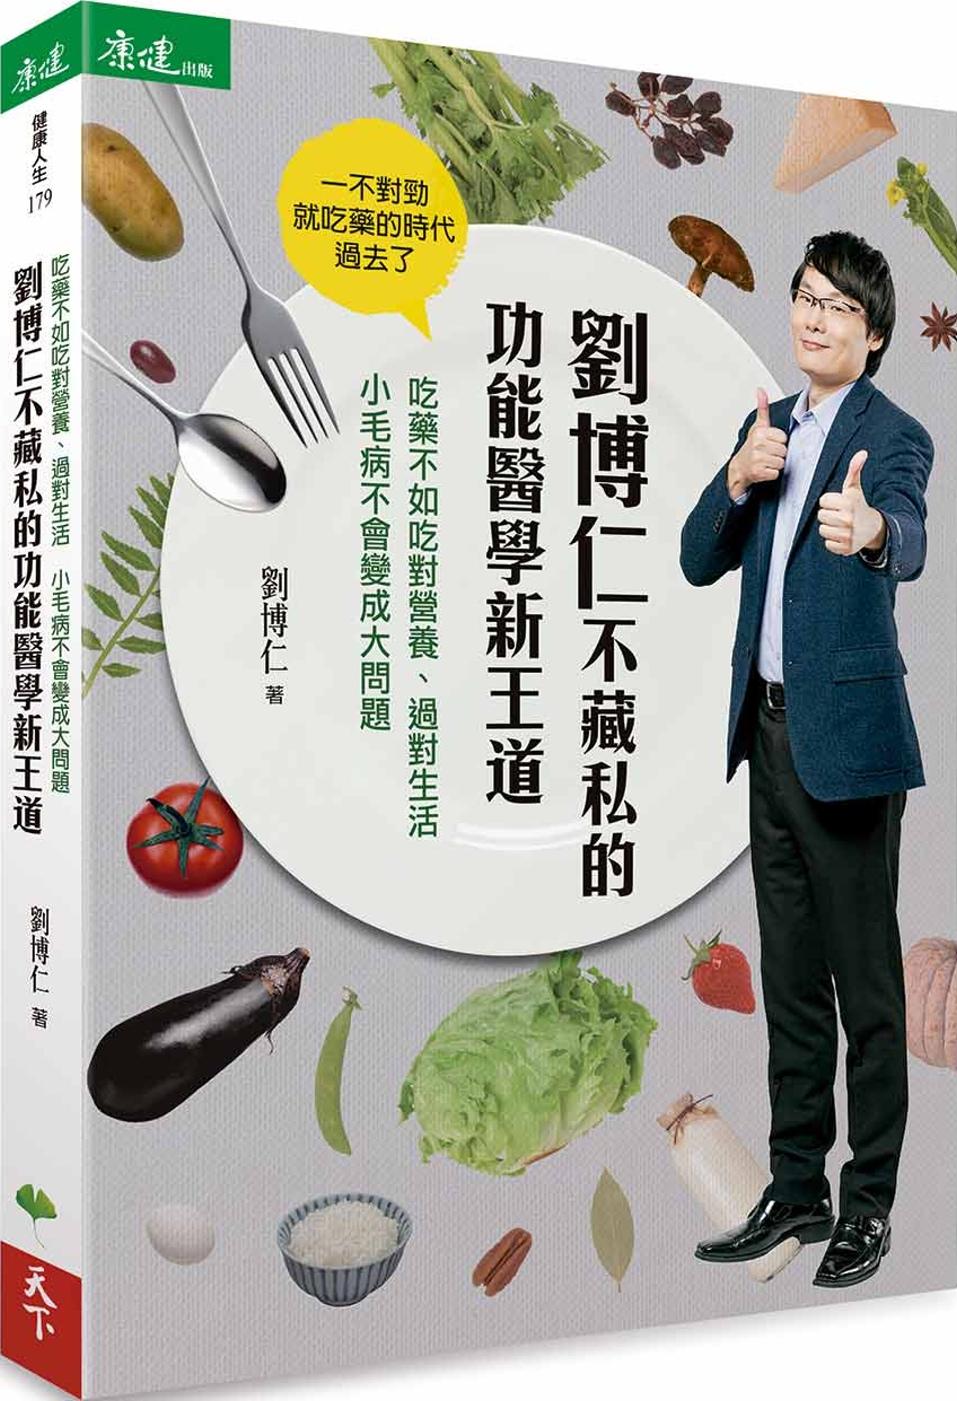 劉博仁不藏私的功能醫學新王道:吃藥不如吃對營養、過對生活  小毛病不會變成大問題